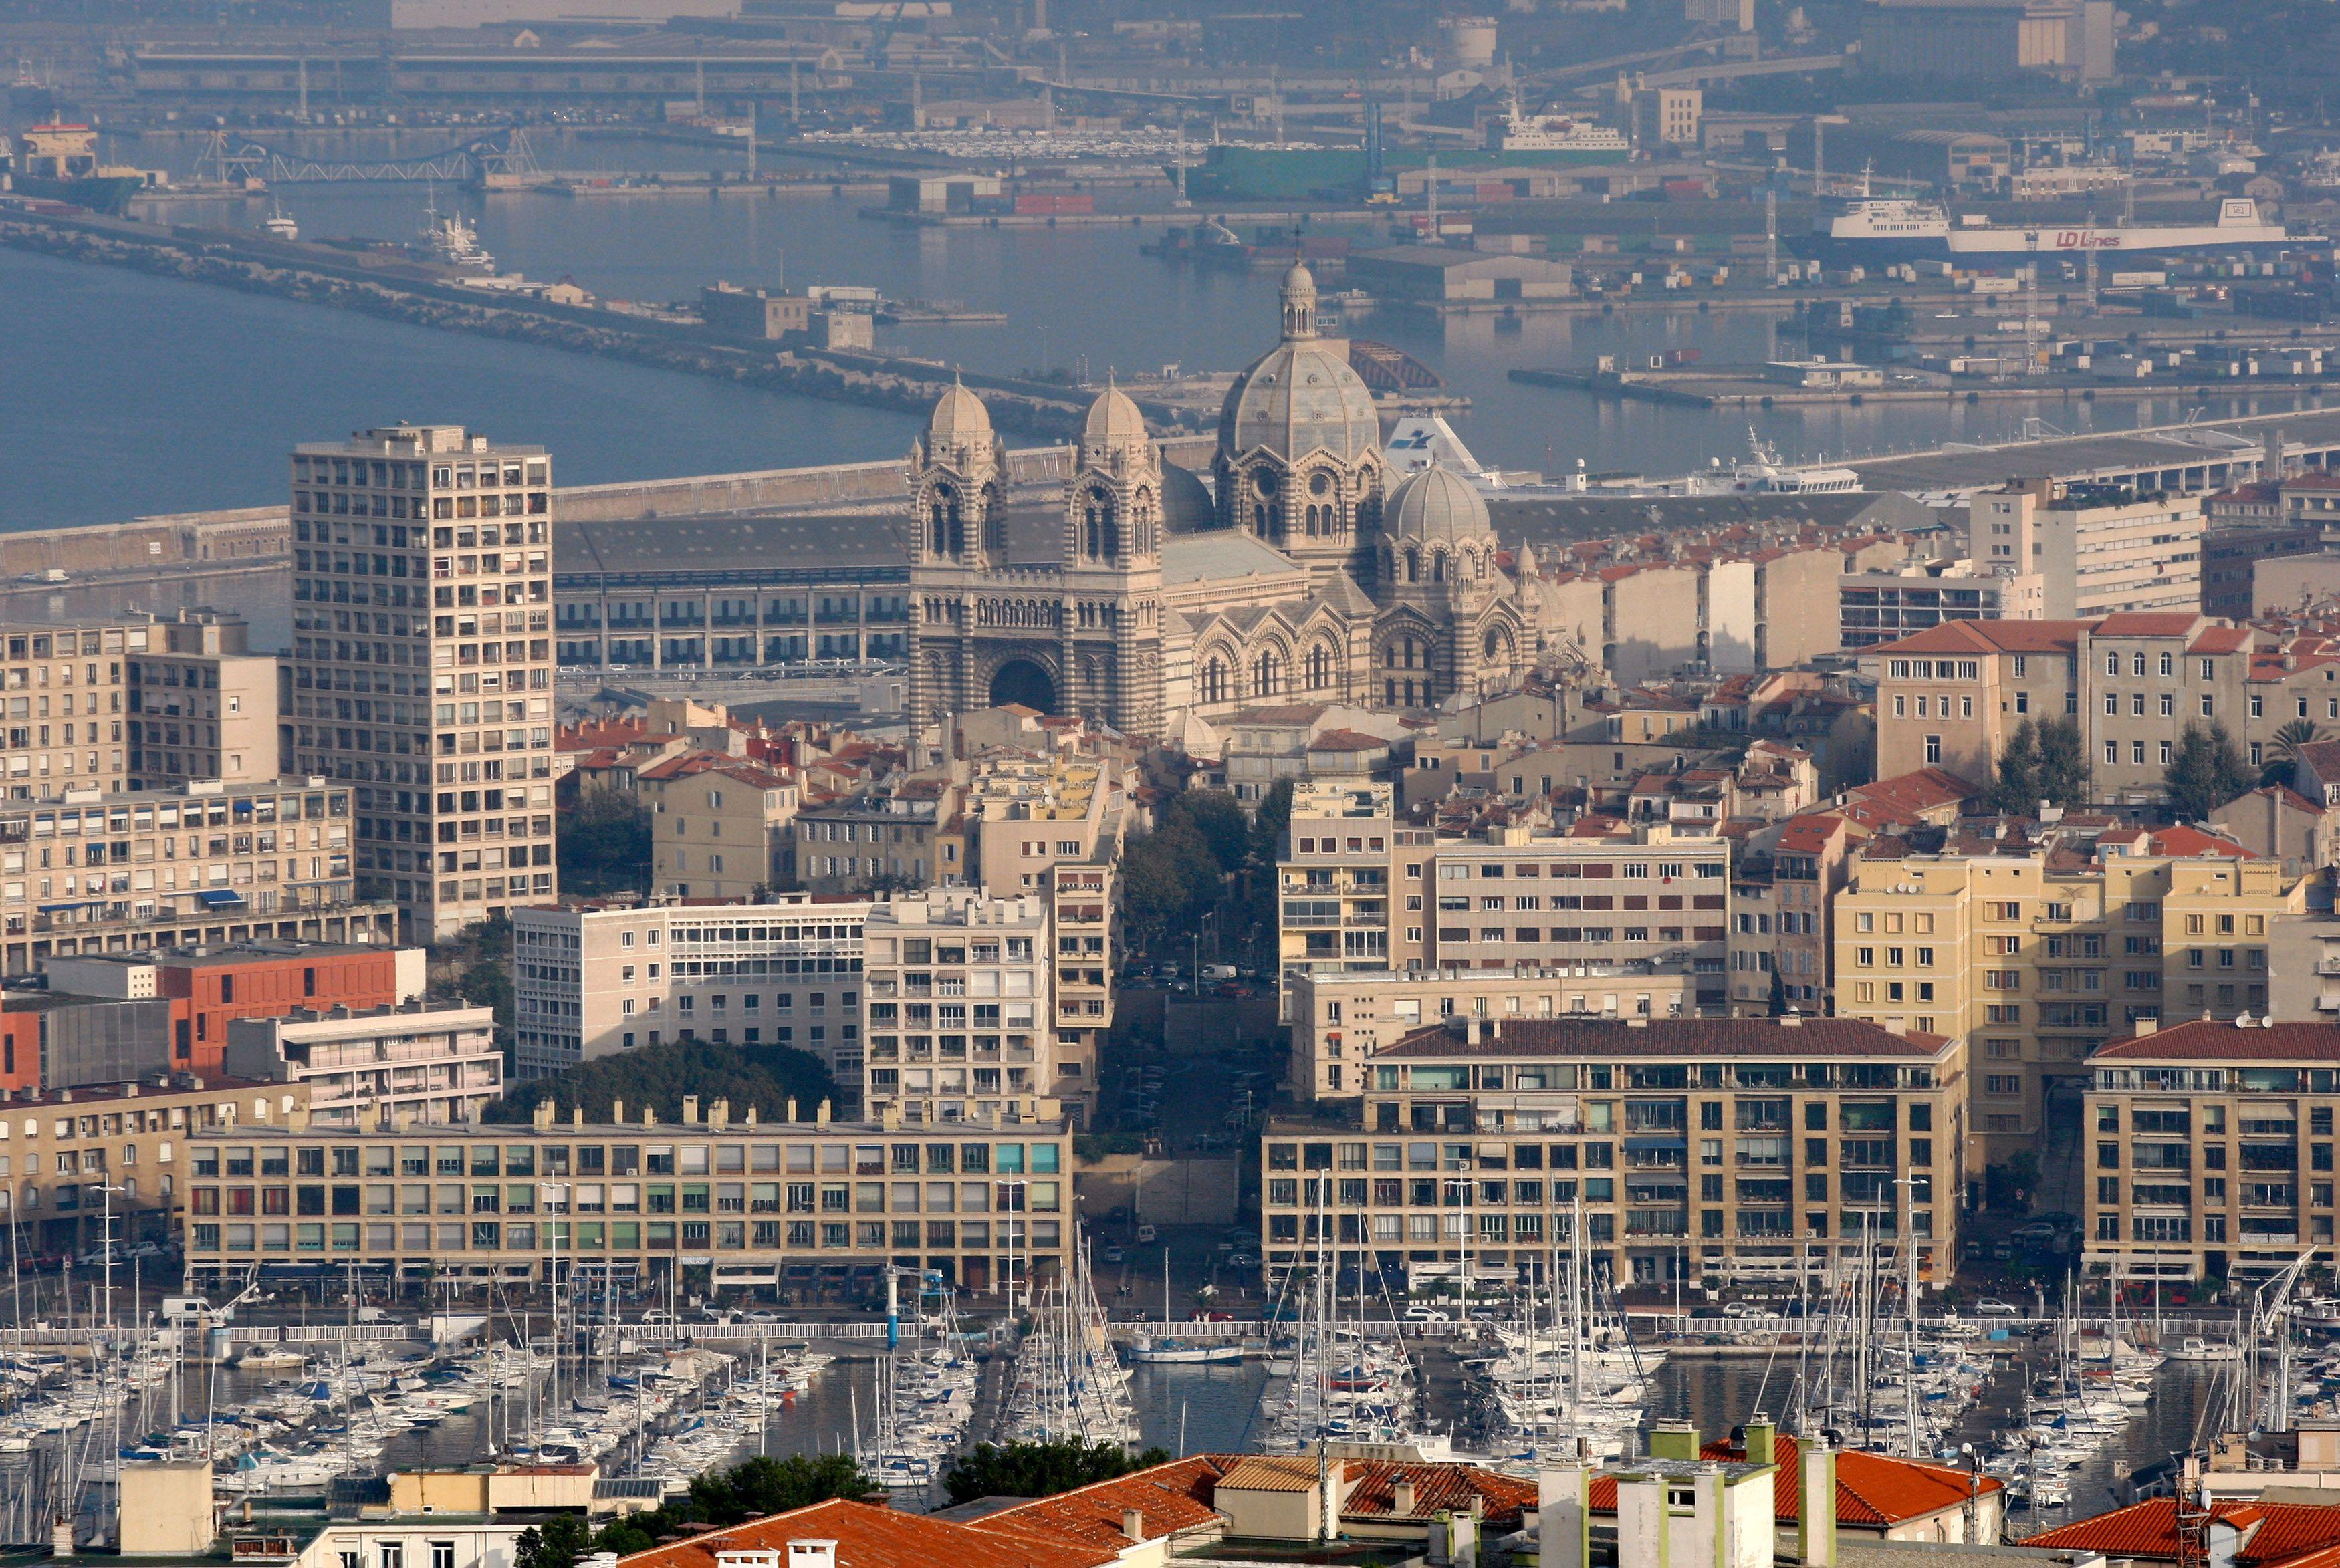 Le centre-ville de Marseille a été témoin d'une agression d'un jeune homme, poignardé par plusieurs individus, qui s'en sont également pris à un infirmier